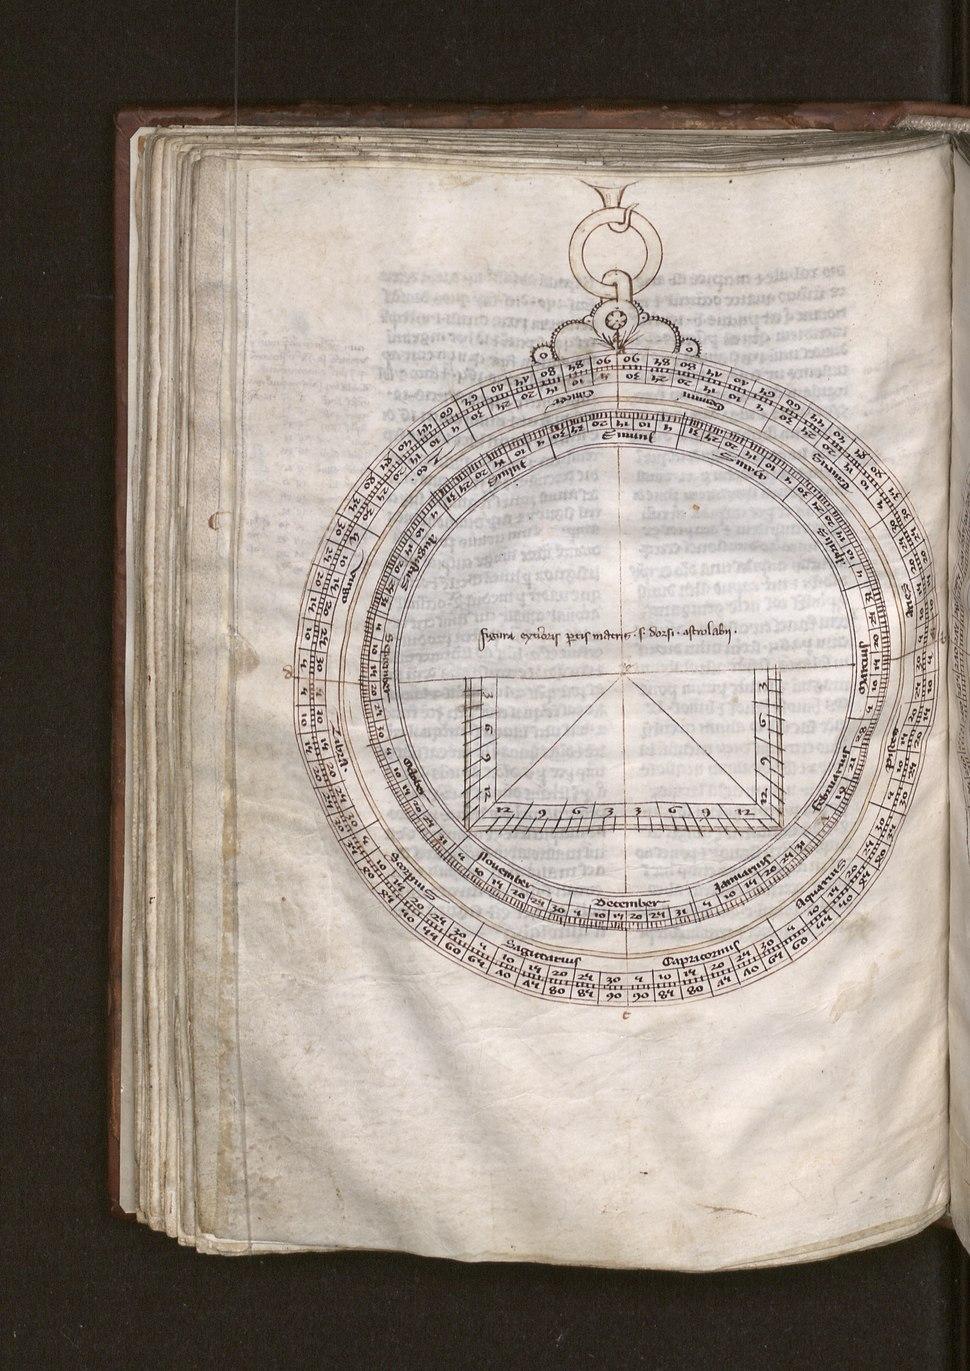 Astrolabium Masha'allah Public Library Brugge Ms. 522